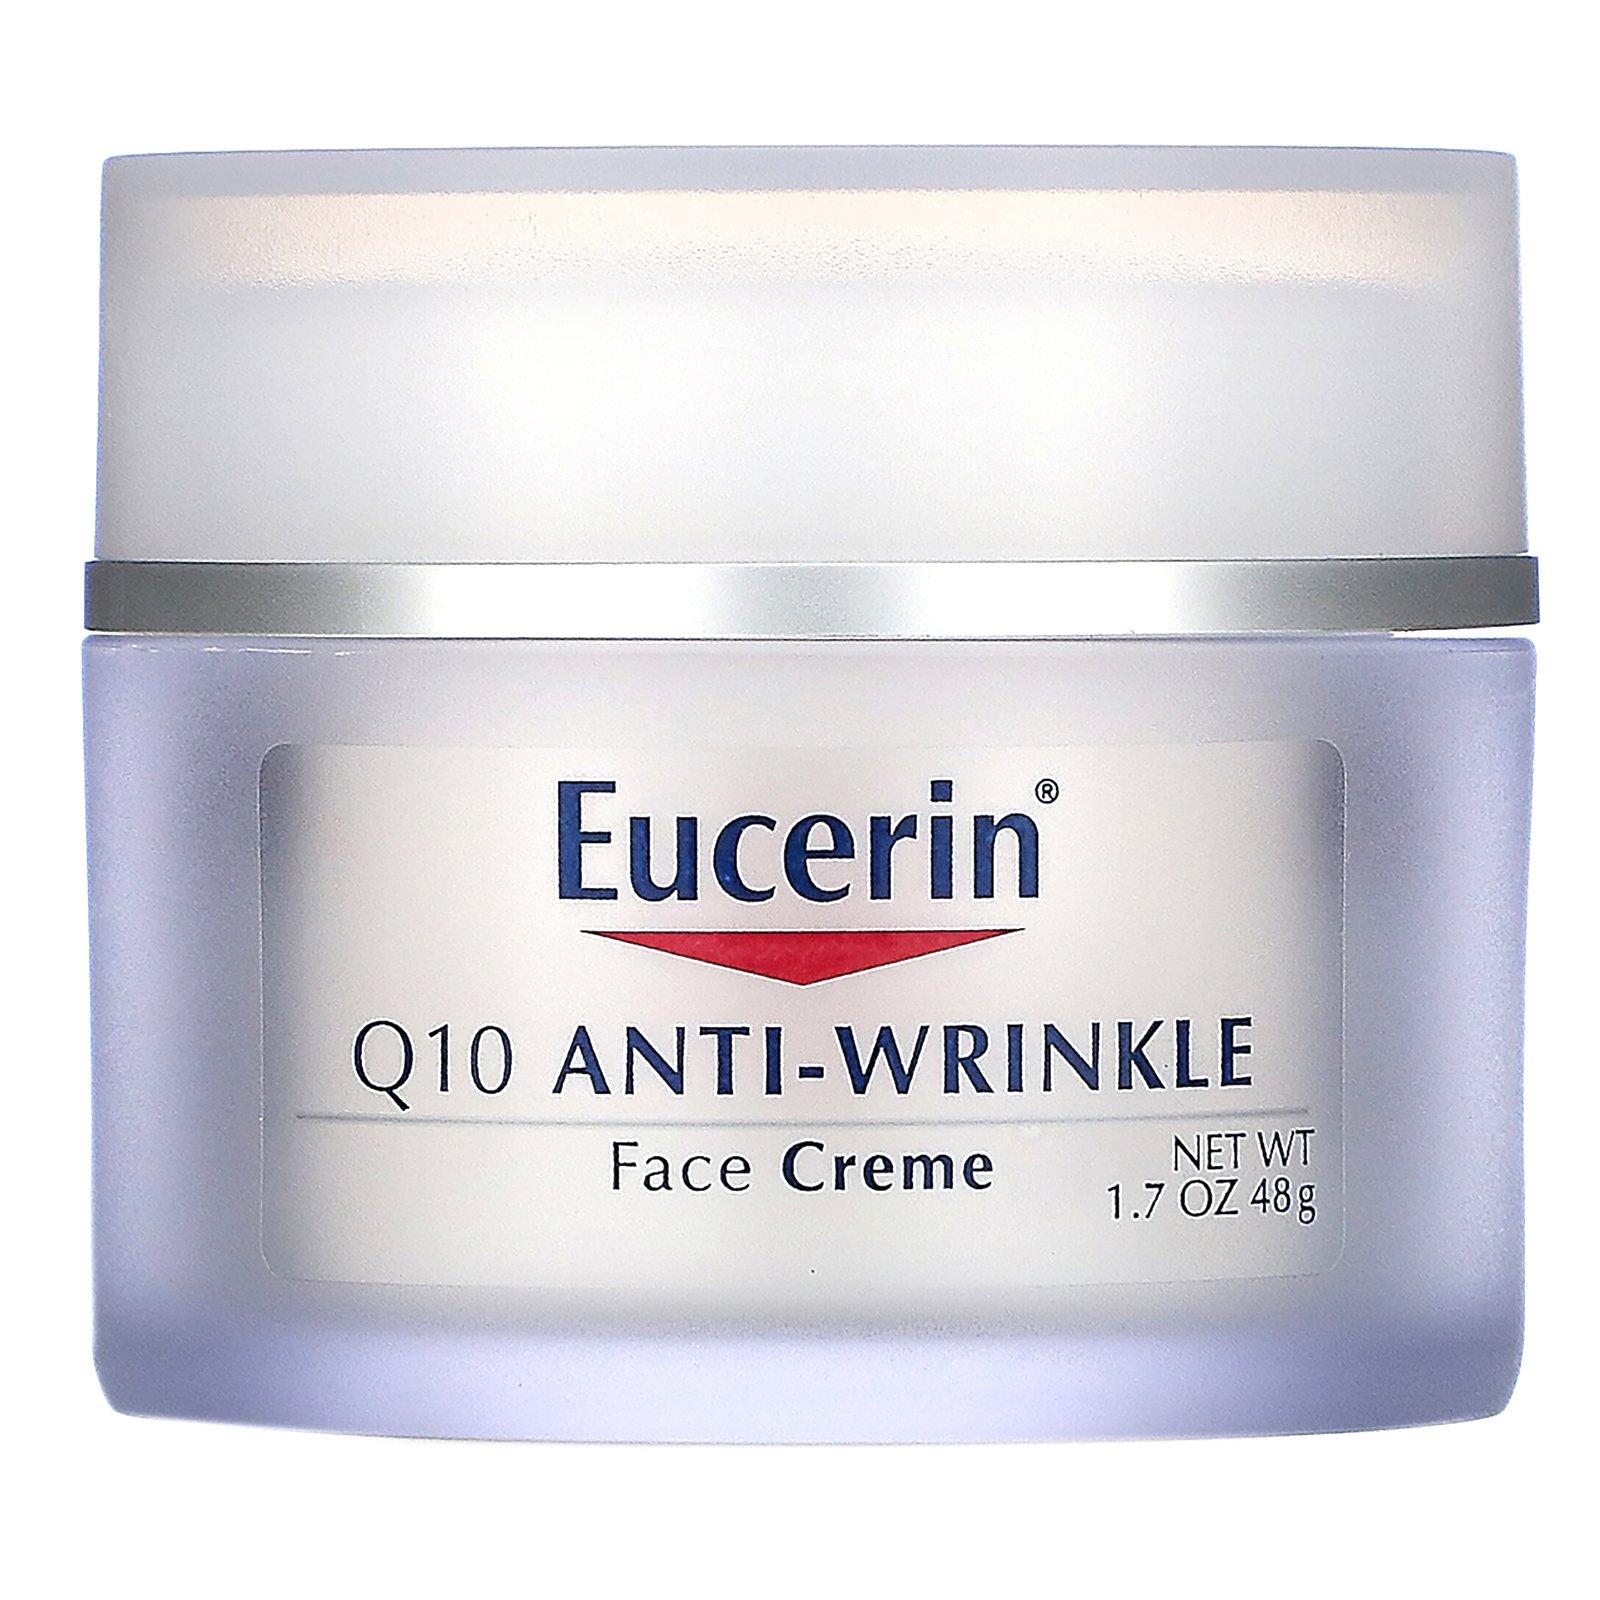 eucerin cream